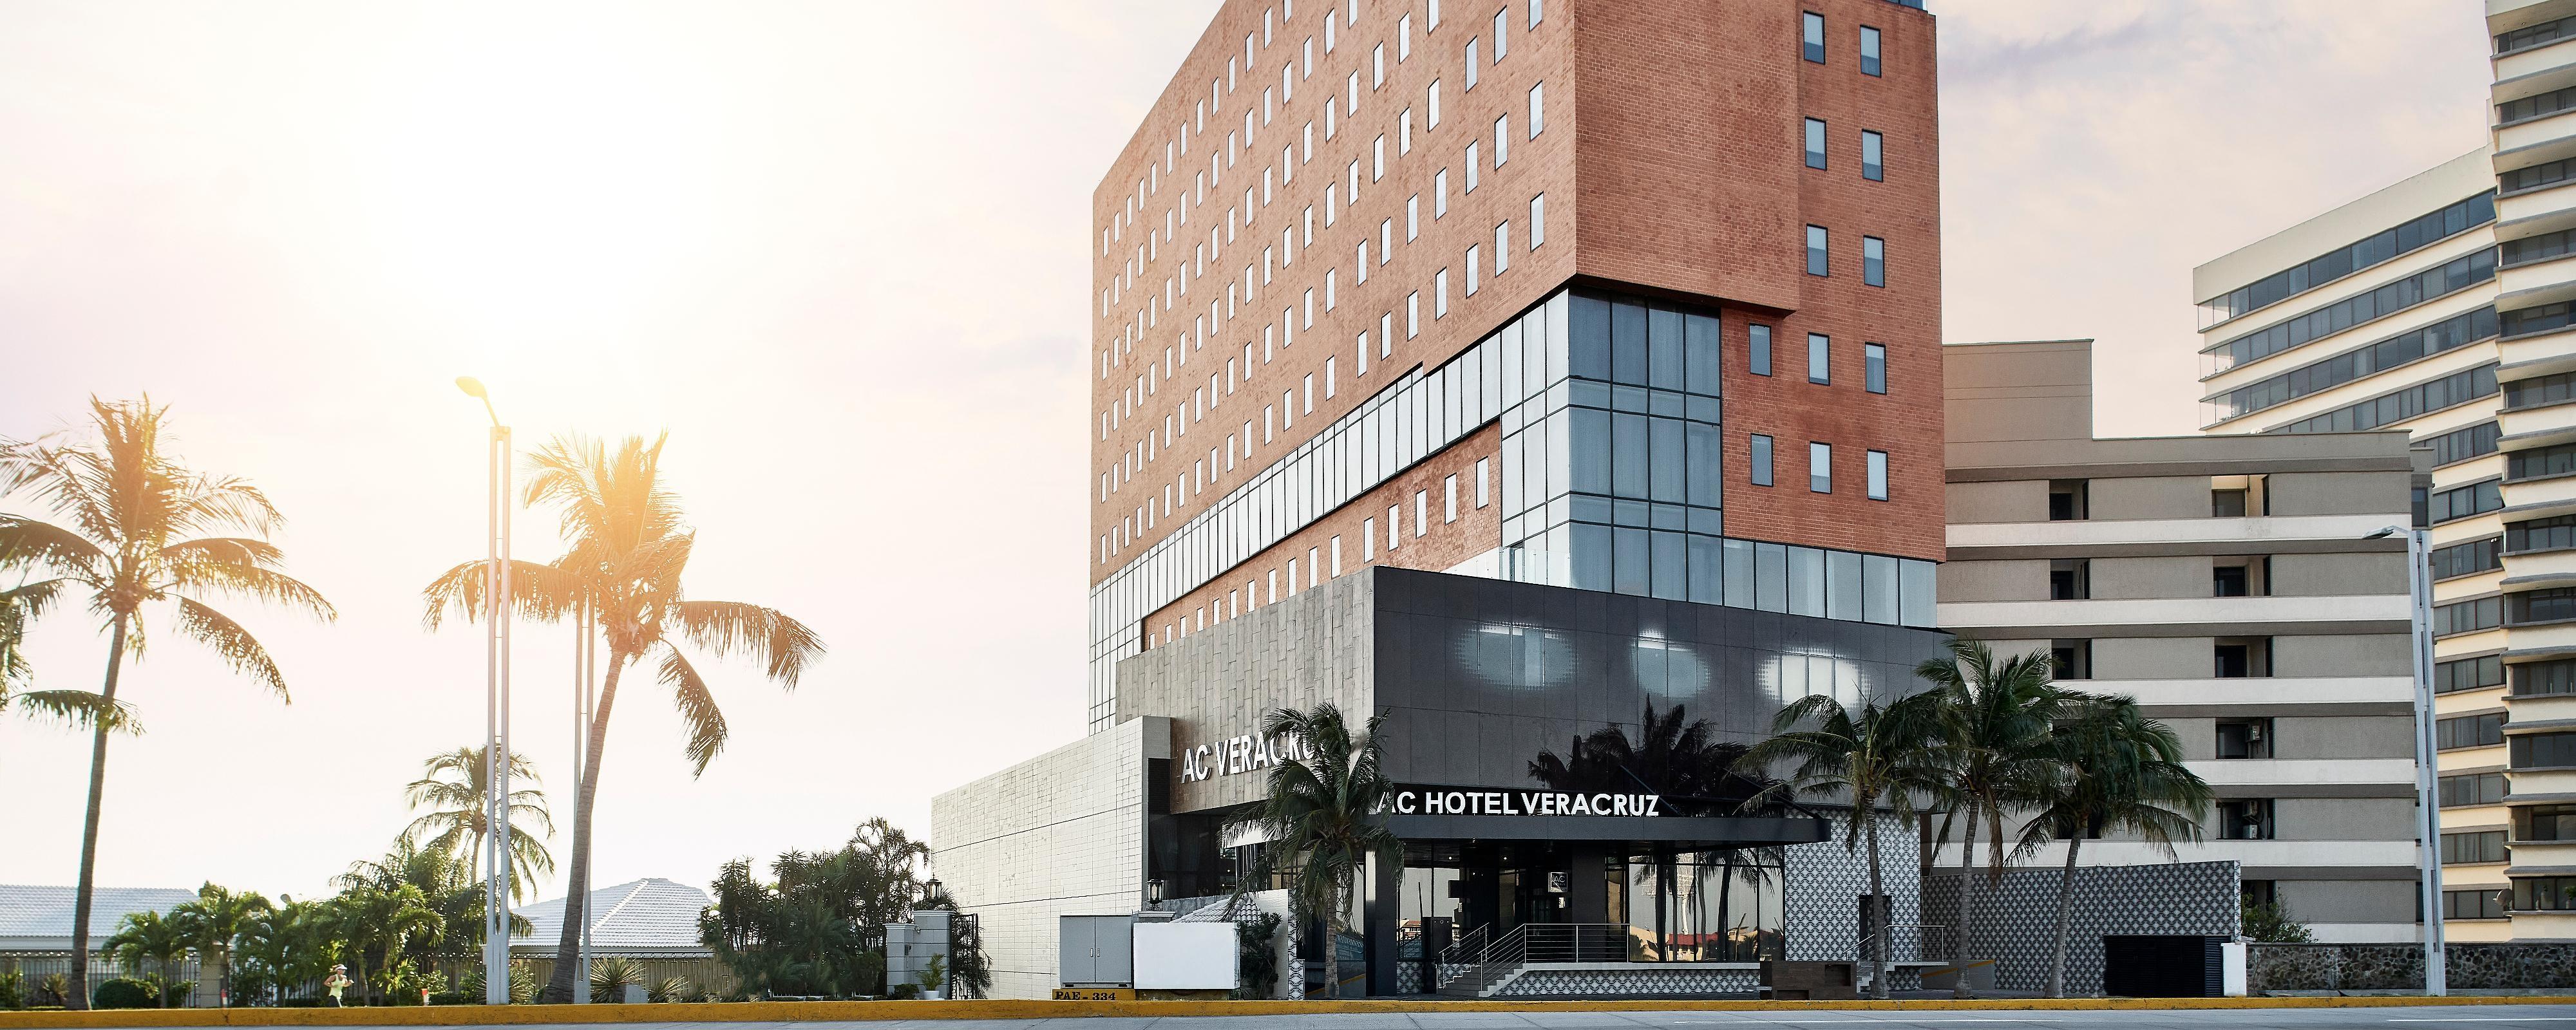 Boca Del Rio Veracruz Hotel Ac Hotel Veracruz